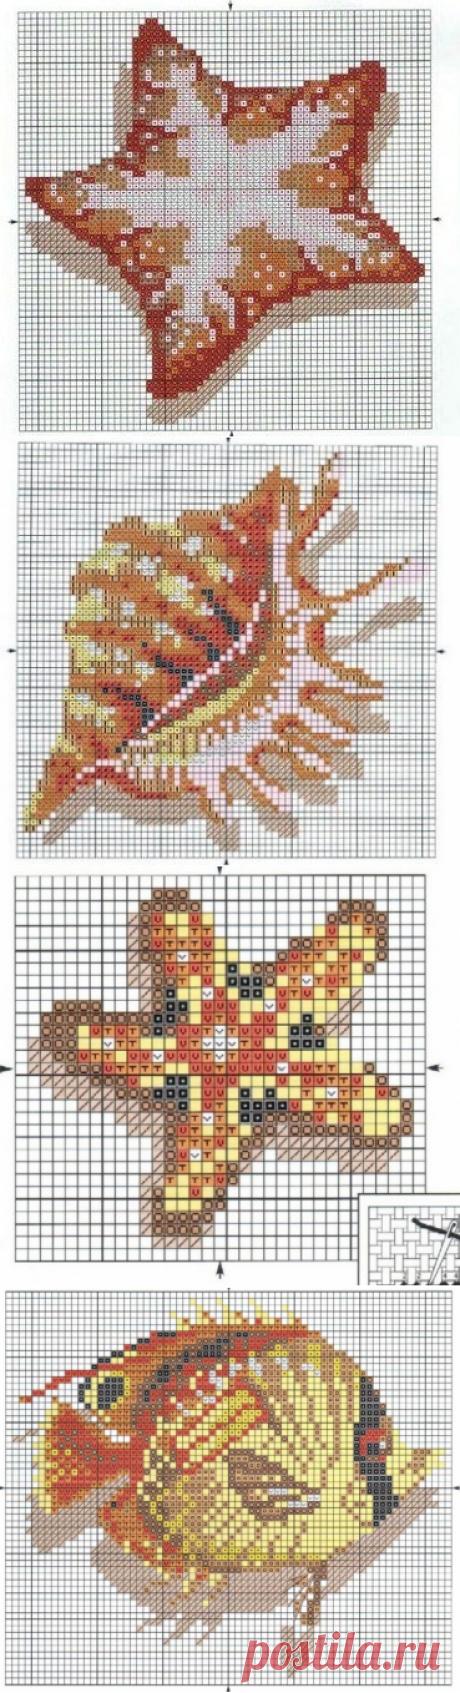 Схемы для вышивки: орхидеи и морская тематика / Схемы / Бусинка